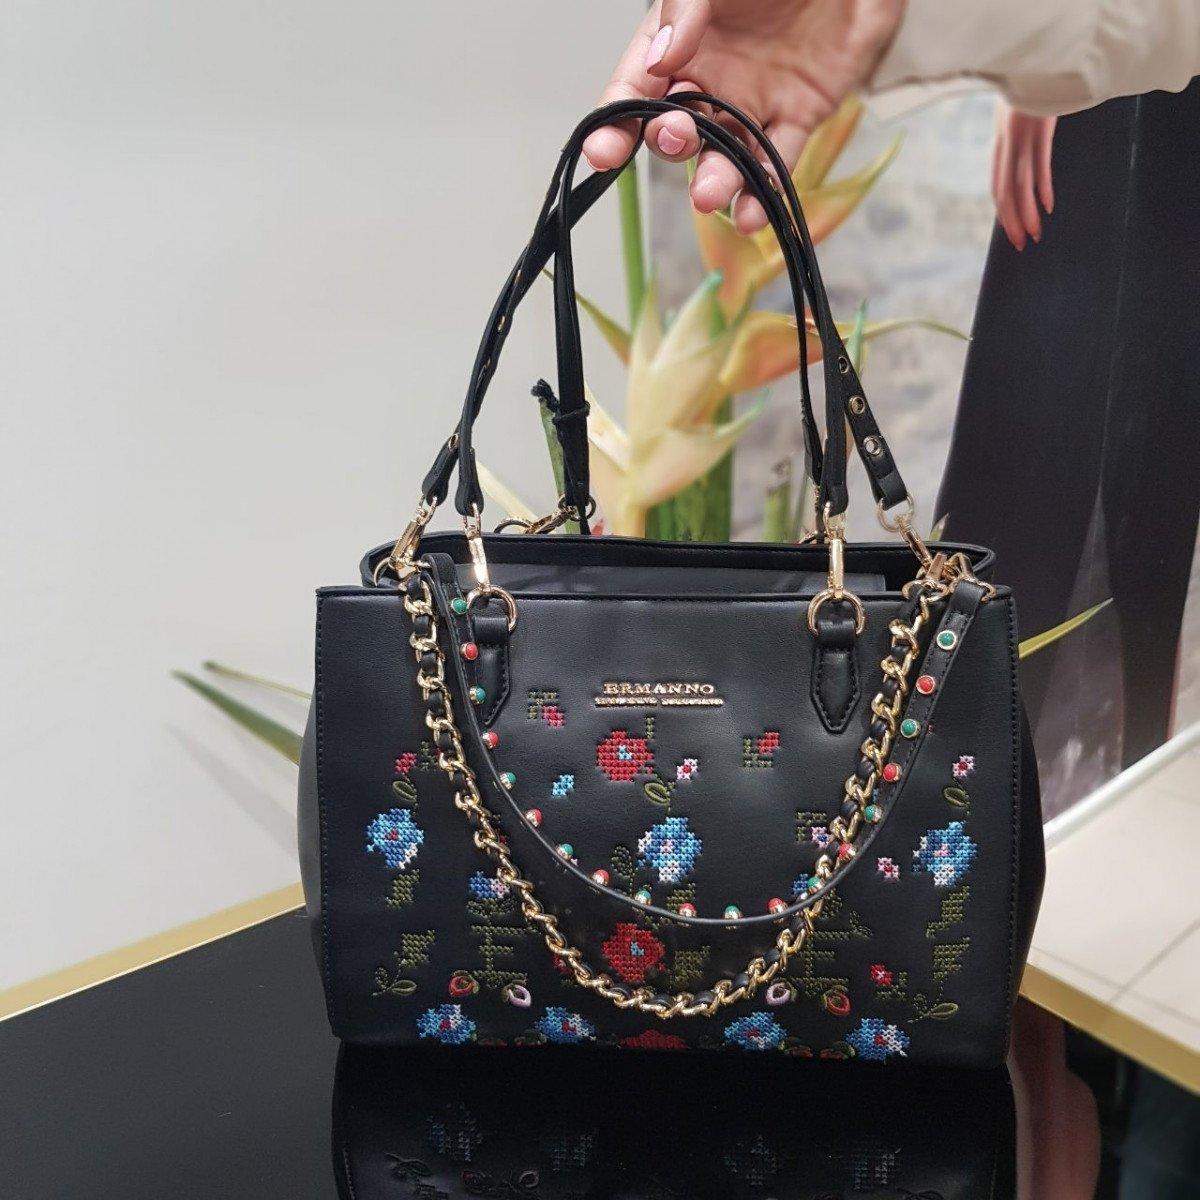 Женская кожаная сумка Ermanno Scervino 12400528 из экокожи